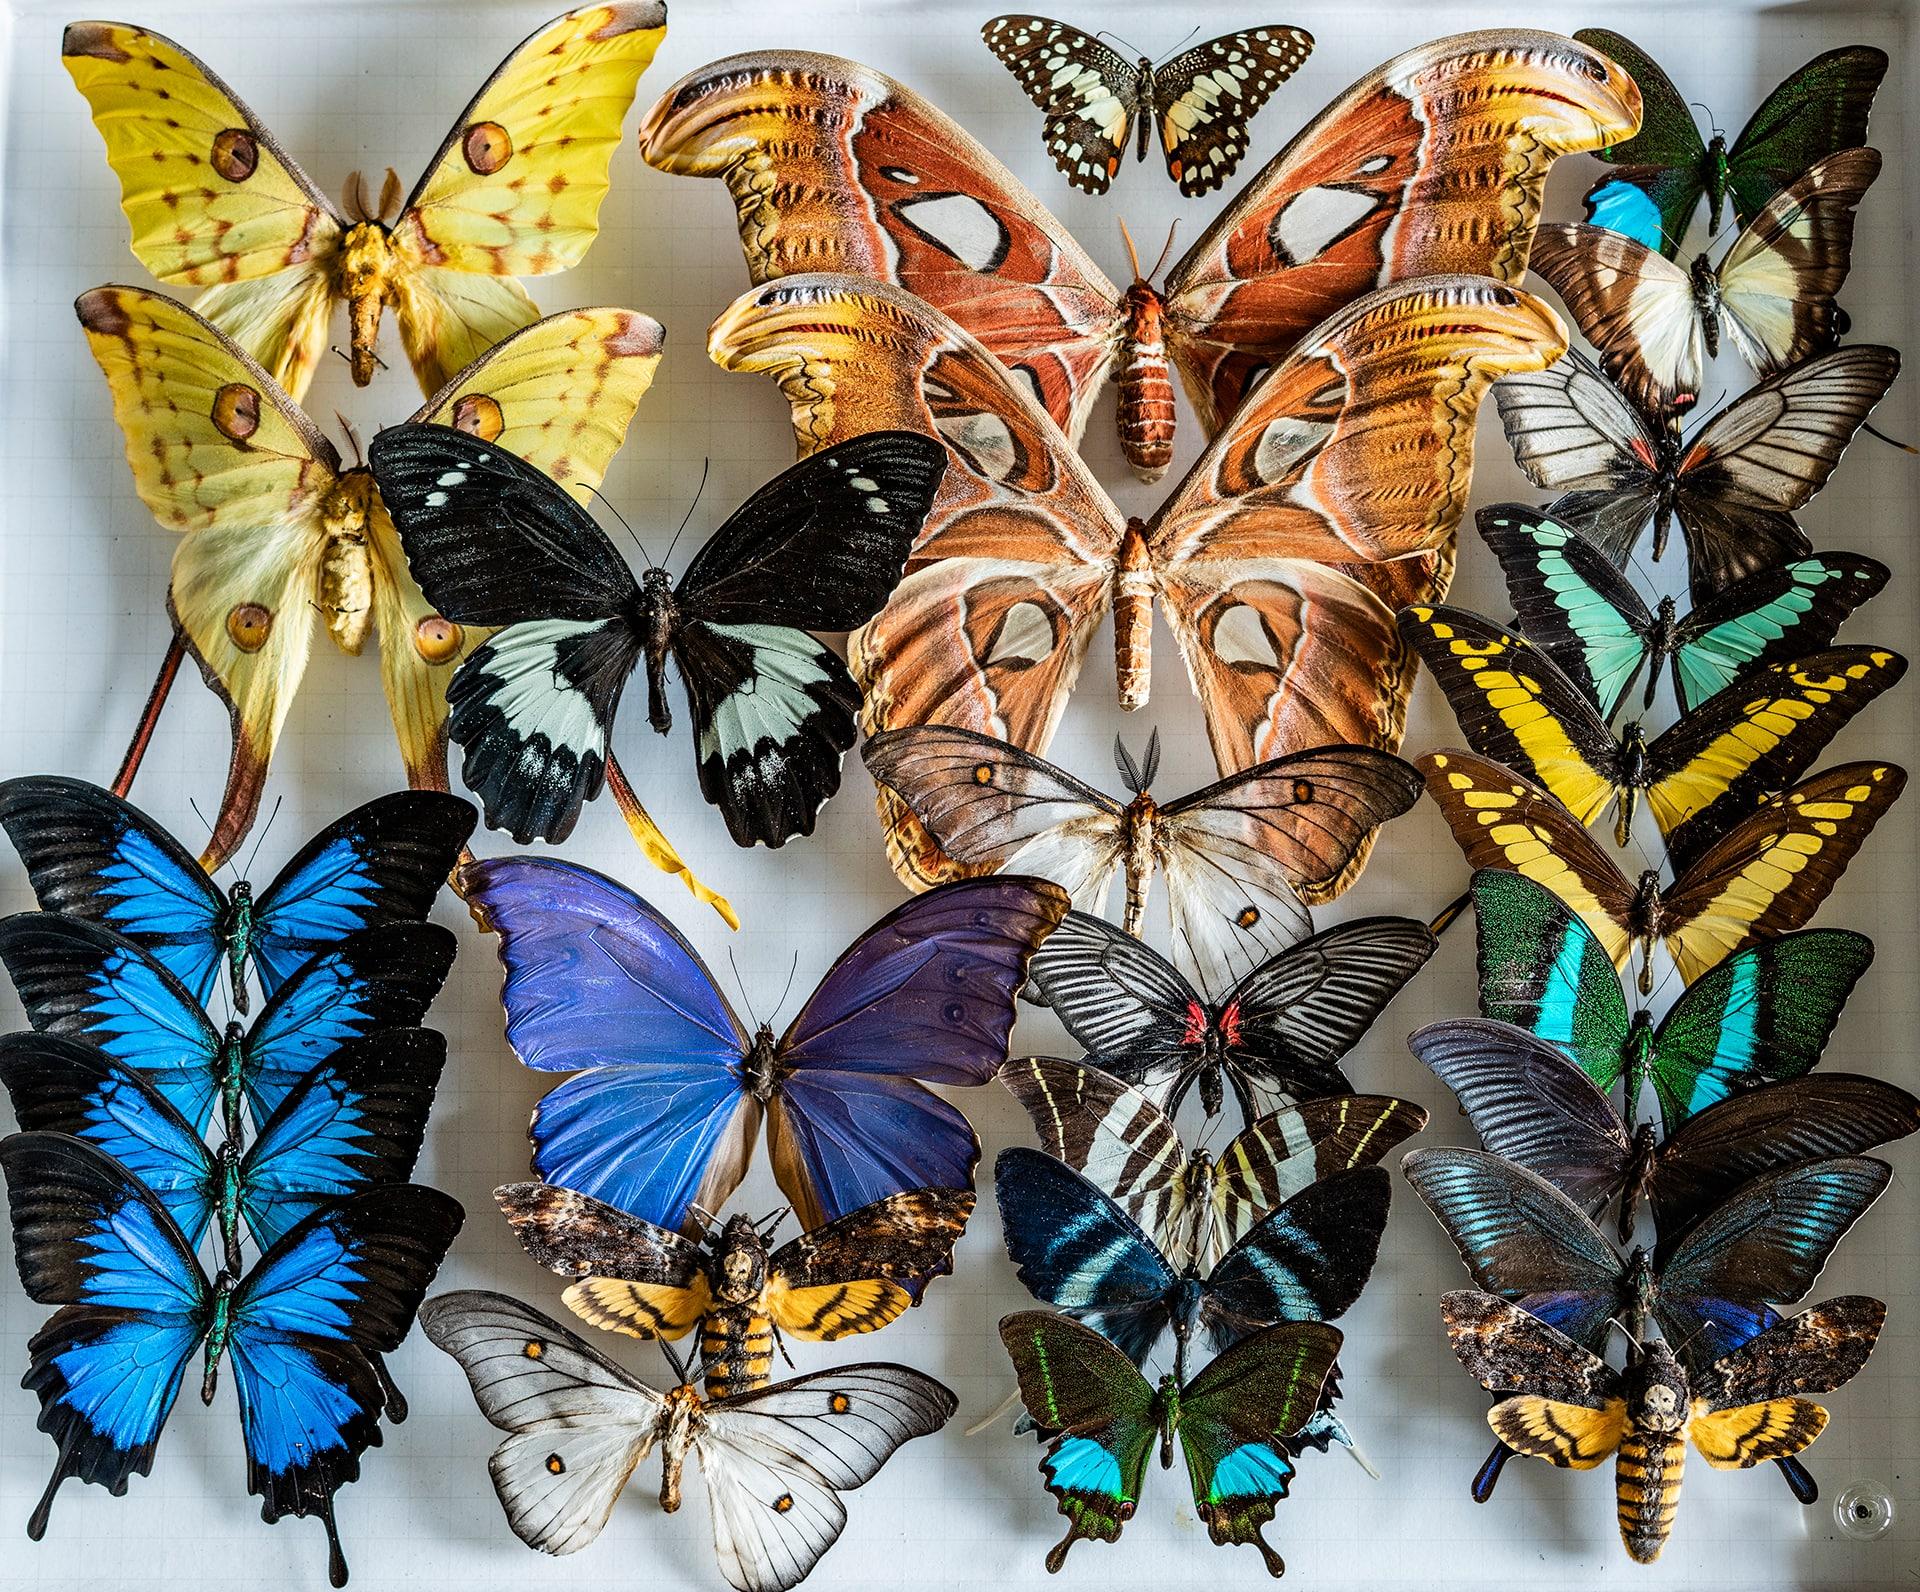 Blog Lifestyle - Quelques espèces animales naturalisées - Suivre sa Joie - Saskia Parein